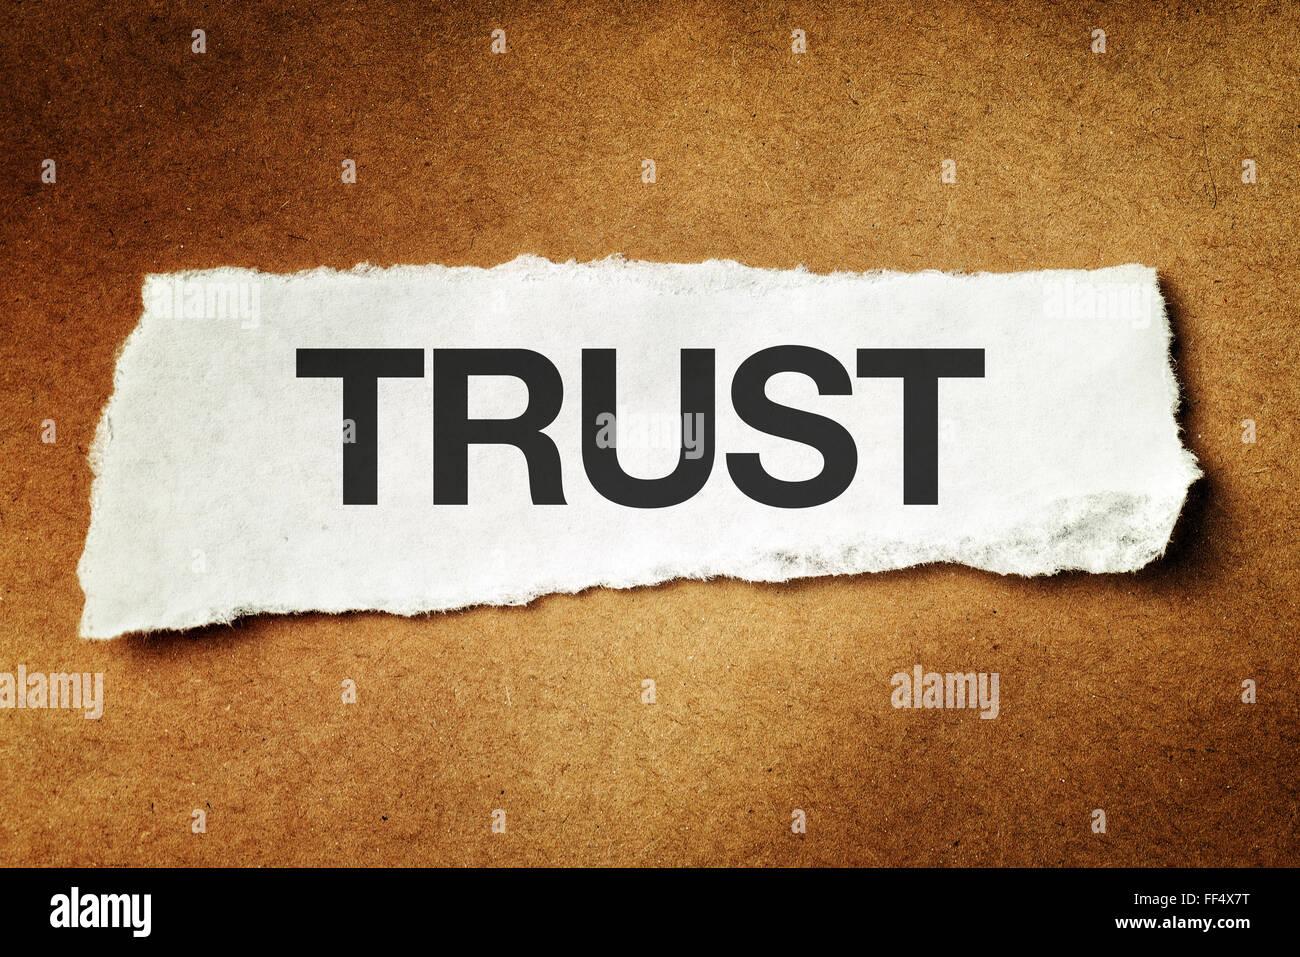 Gedruckt auf einem Stück Papier, Konzept des Glaubens, Vertrauen Vertrauen und vertrauenswürdig. Stockbild